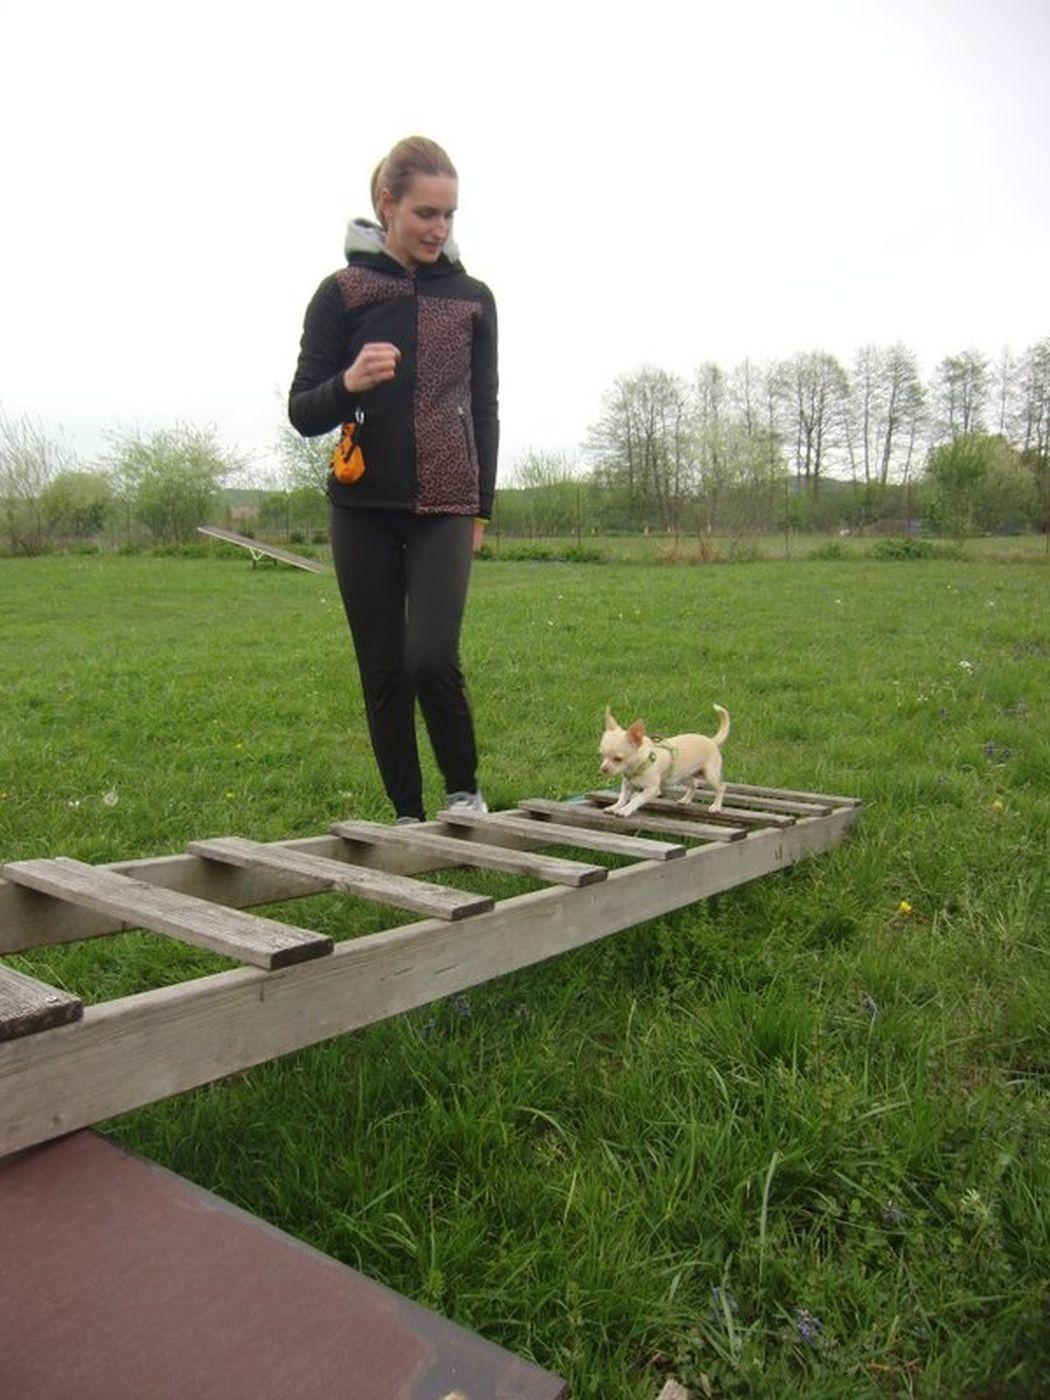 Pasja šola Švrk - hoja po lestvi